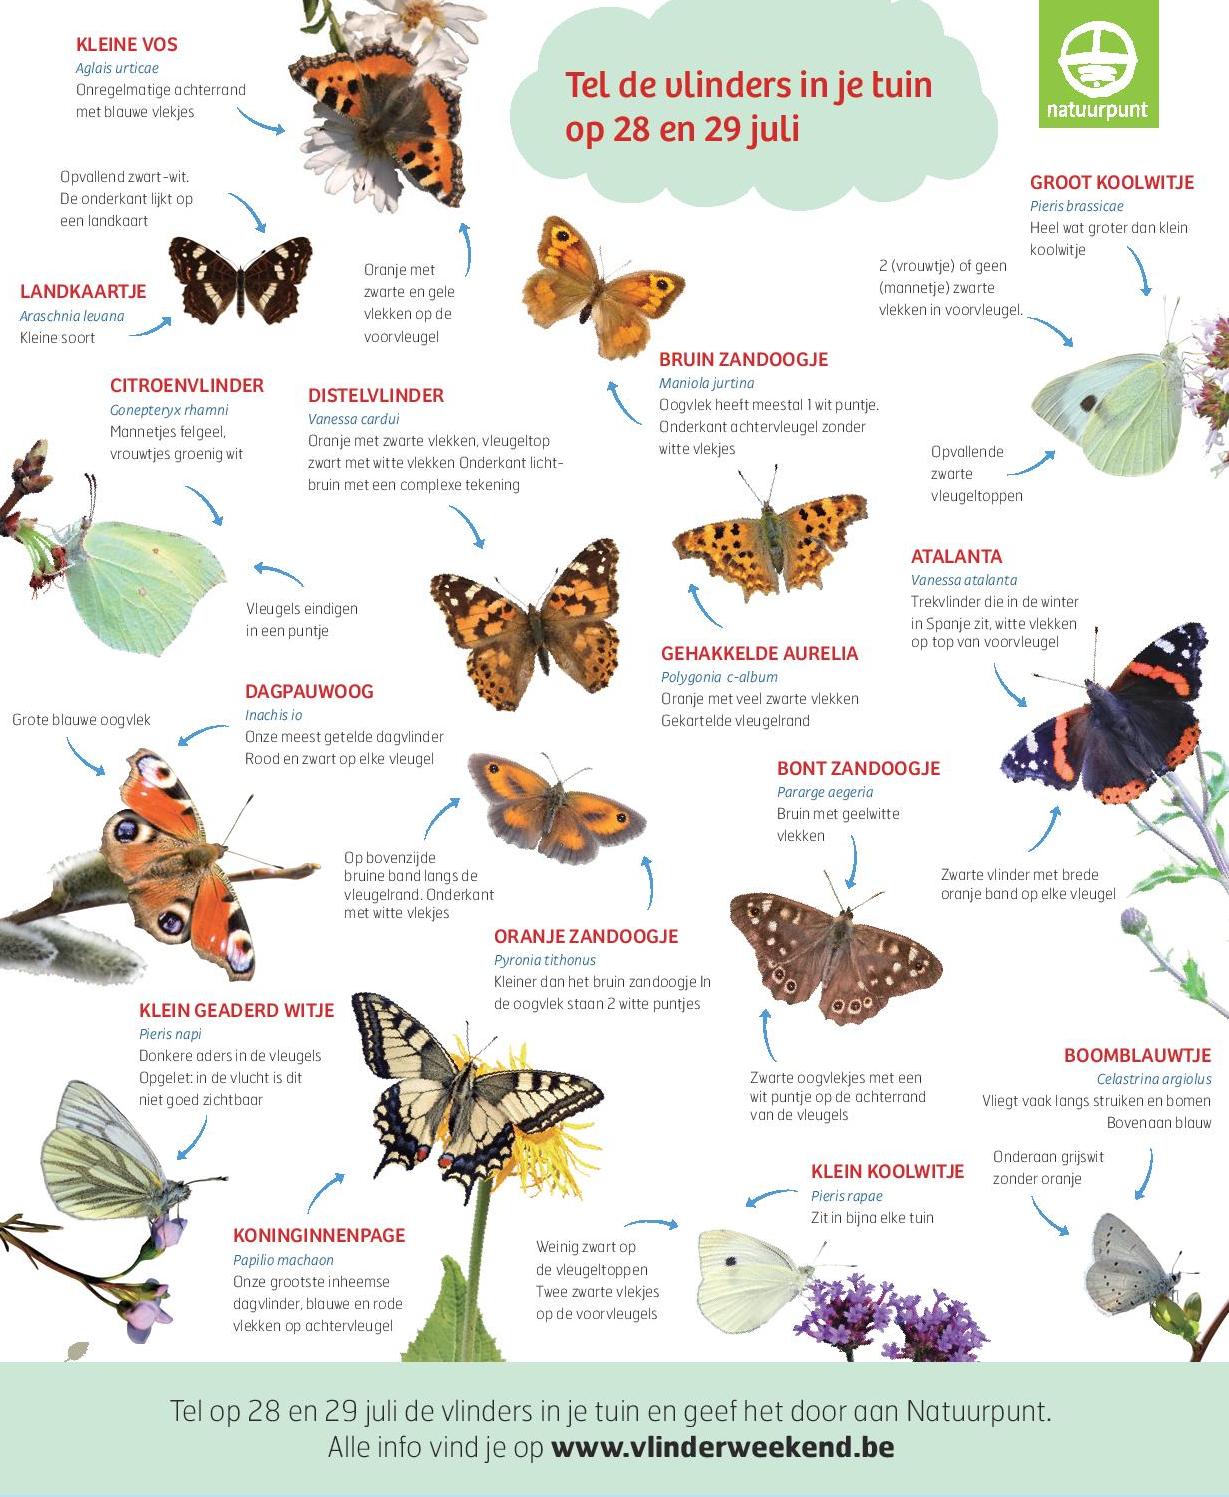 Herken de vlinders, print deze prent af